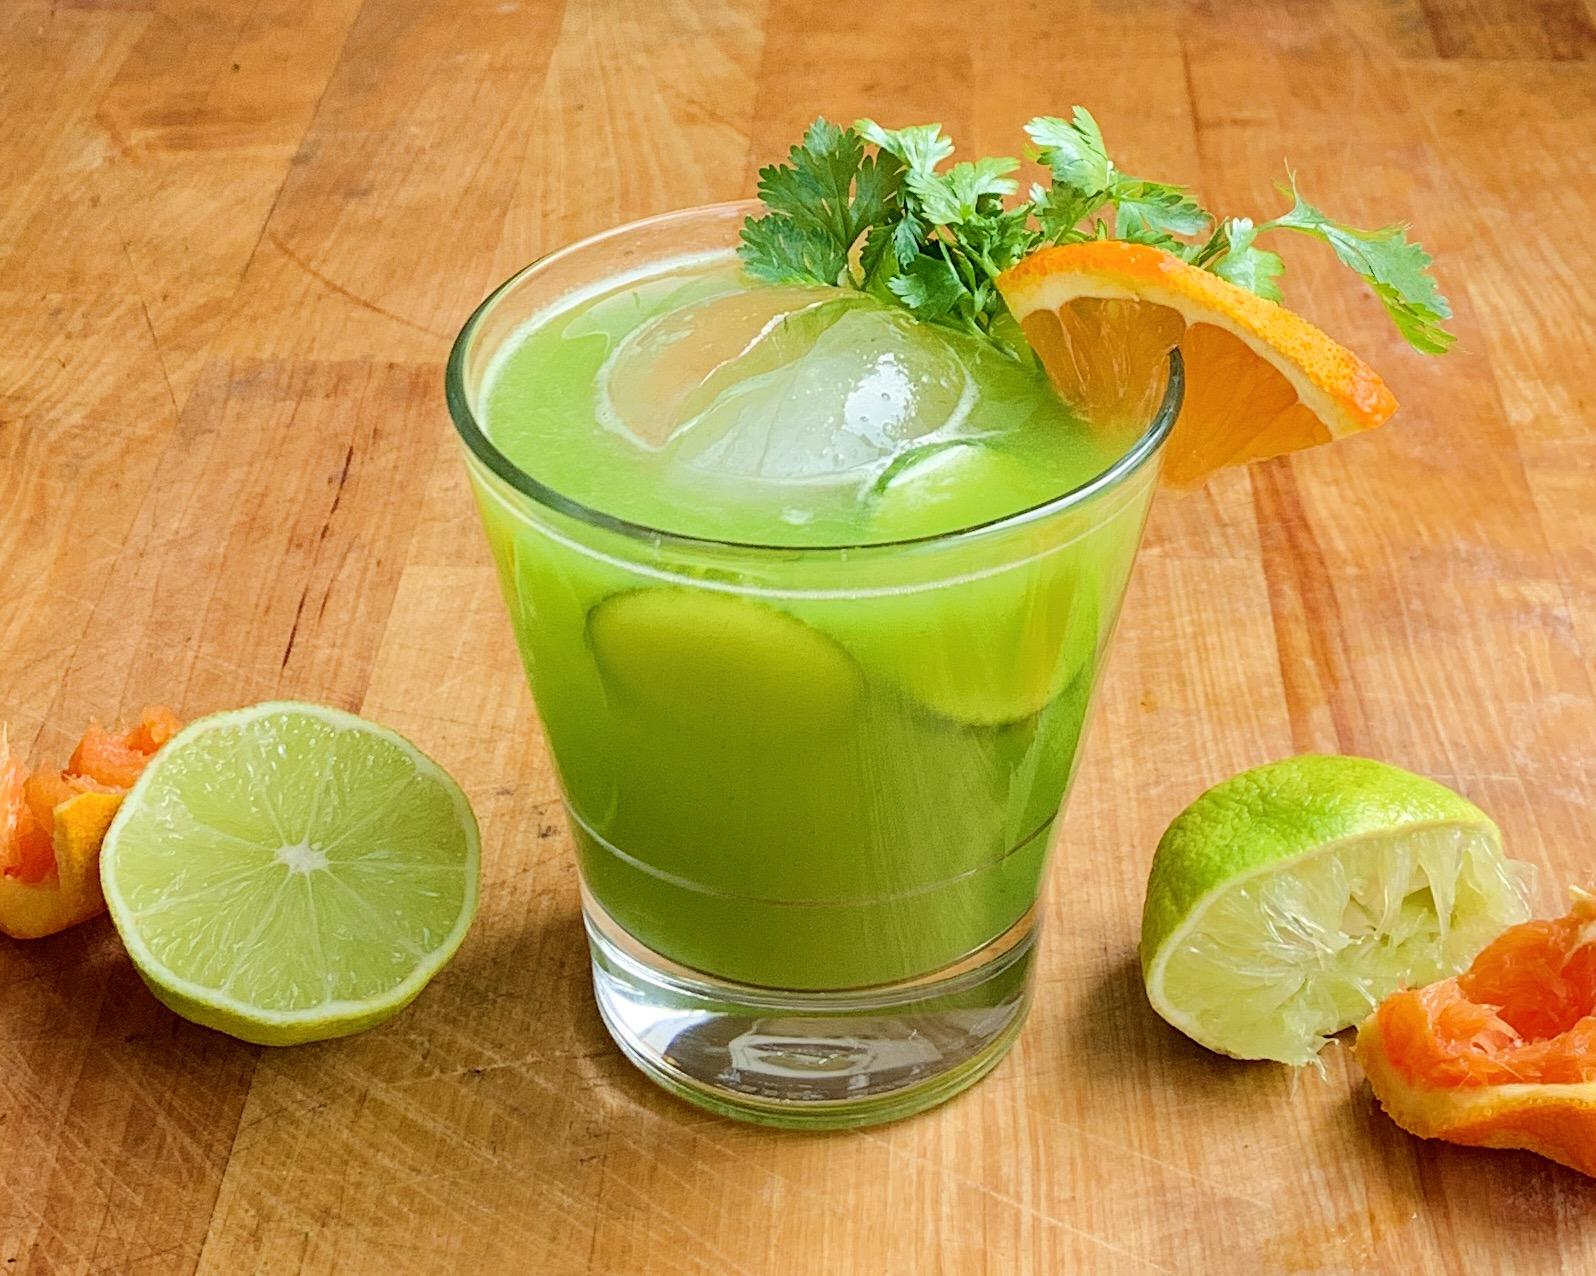 Cucumber & Cilantro Margarita